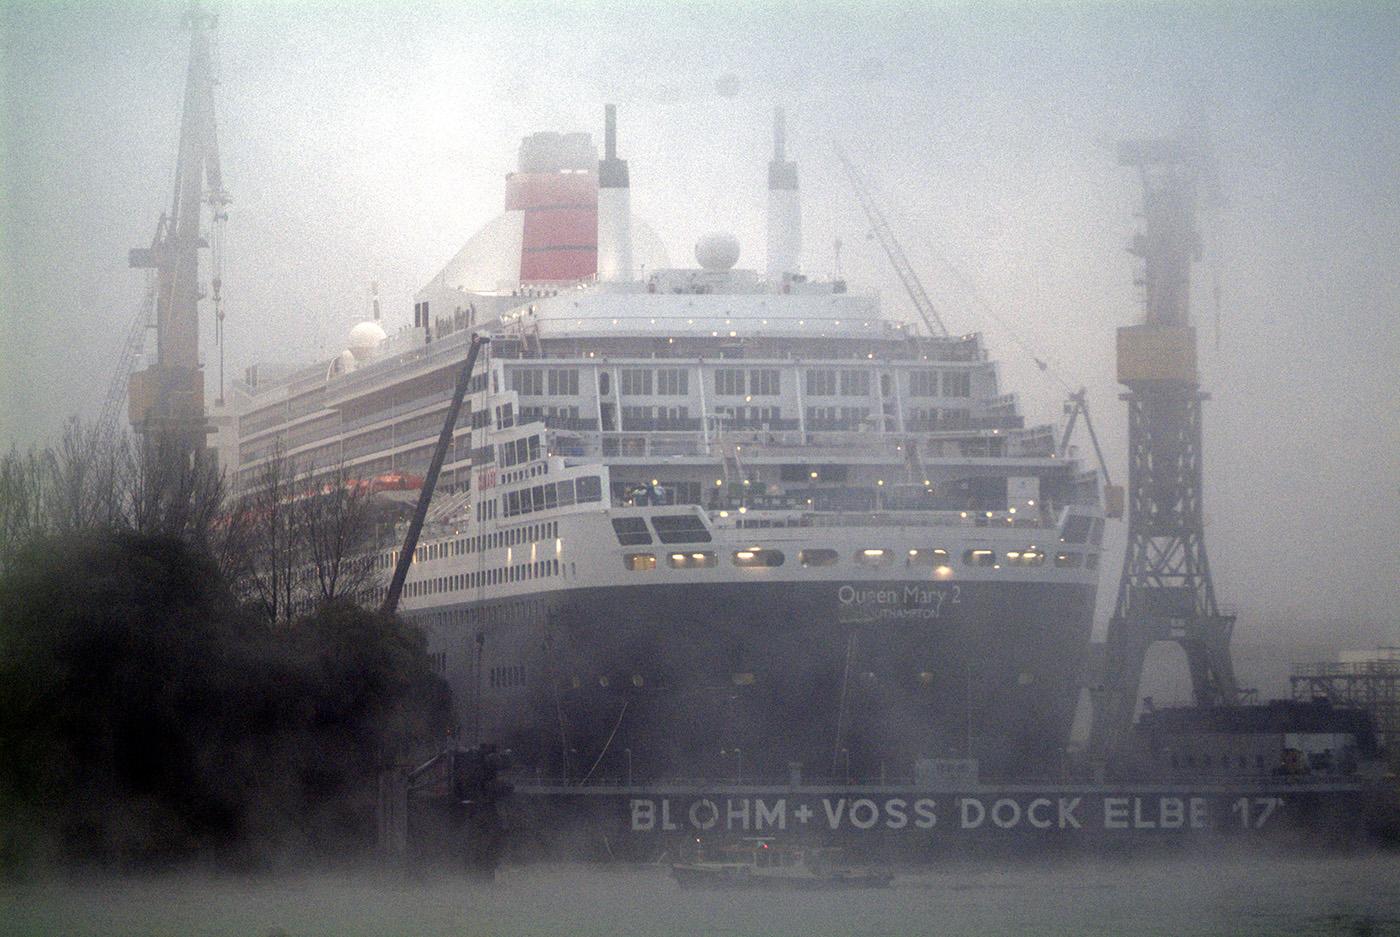 QUEEN MARY 2, größtes Kreuzfahrtschiff der Welt.